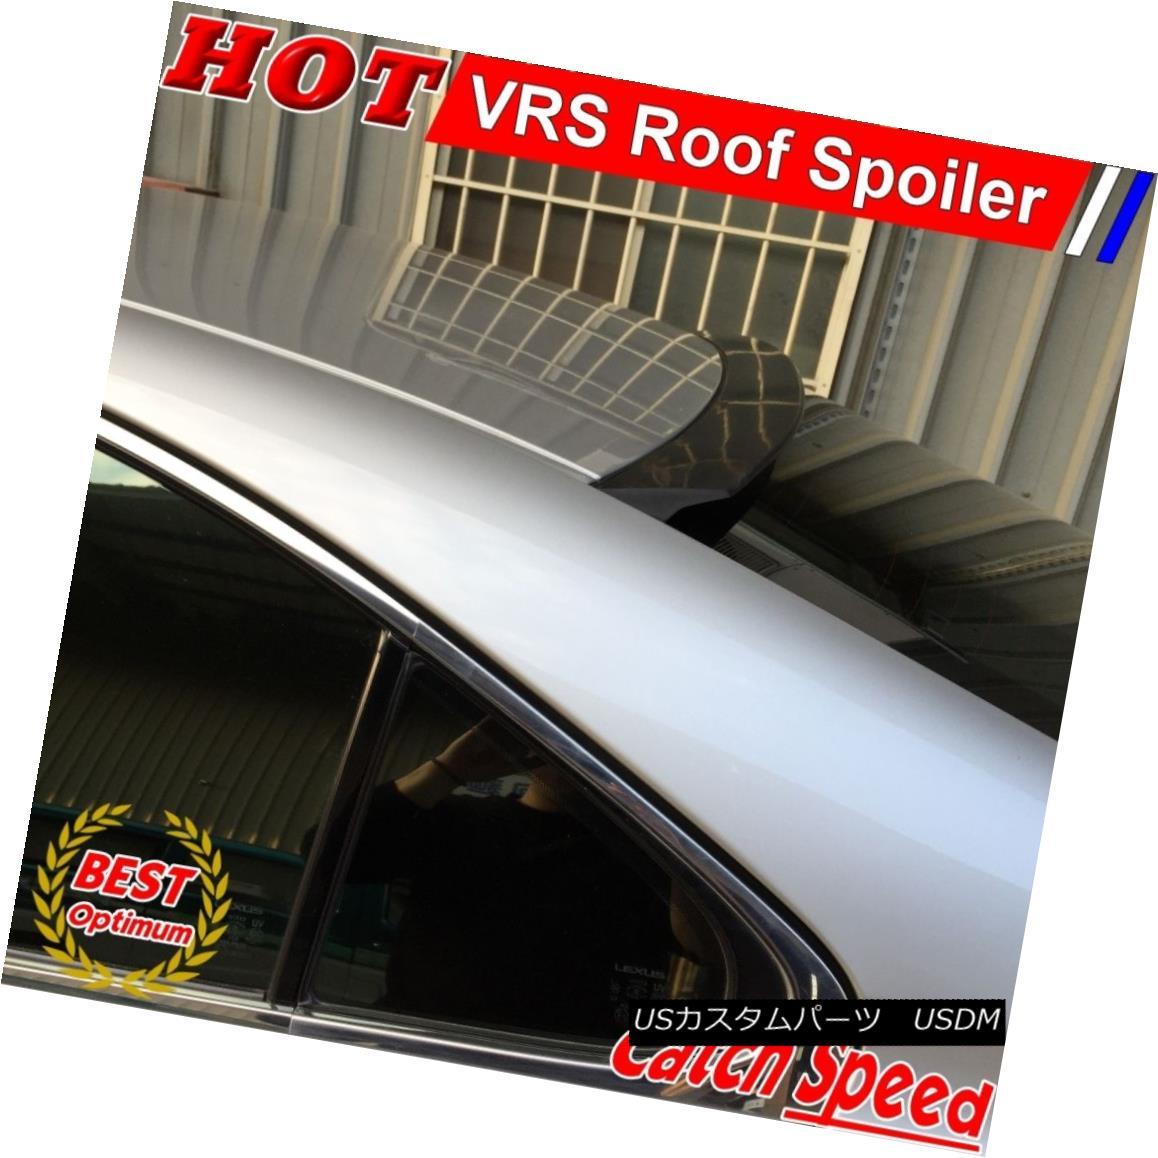 エアロパーツ Flat Black VRS Style Rear Roof Spoiler For EUR Ford Foucs II MK2 Sedan 2005-2007 EURフォードフォーカスII MK2セダン2005-2007のフラットブラックVRSスタイルリアルーフスポイラー